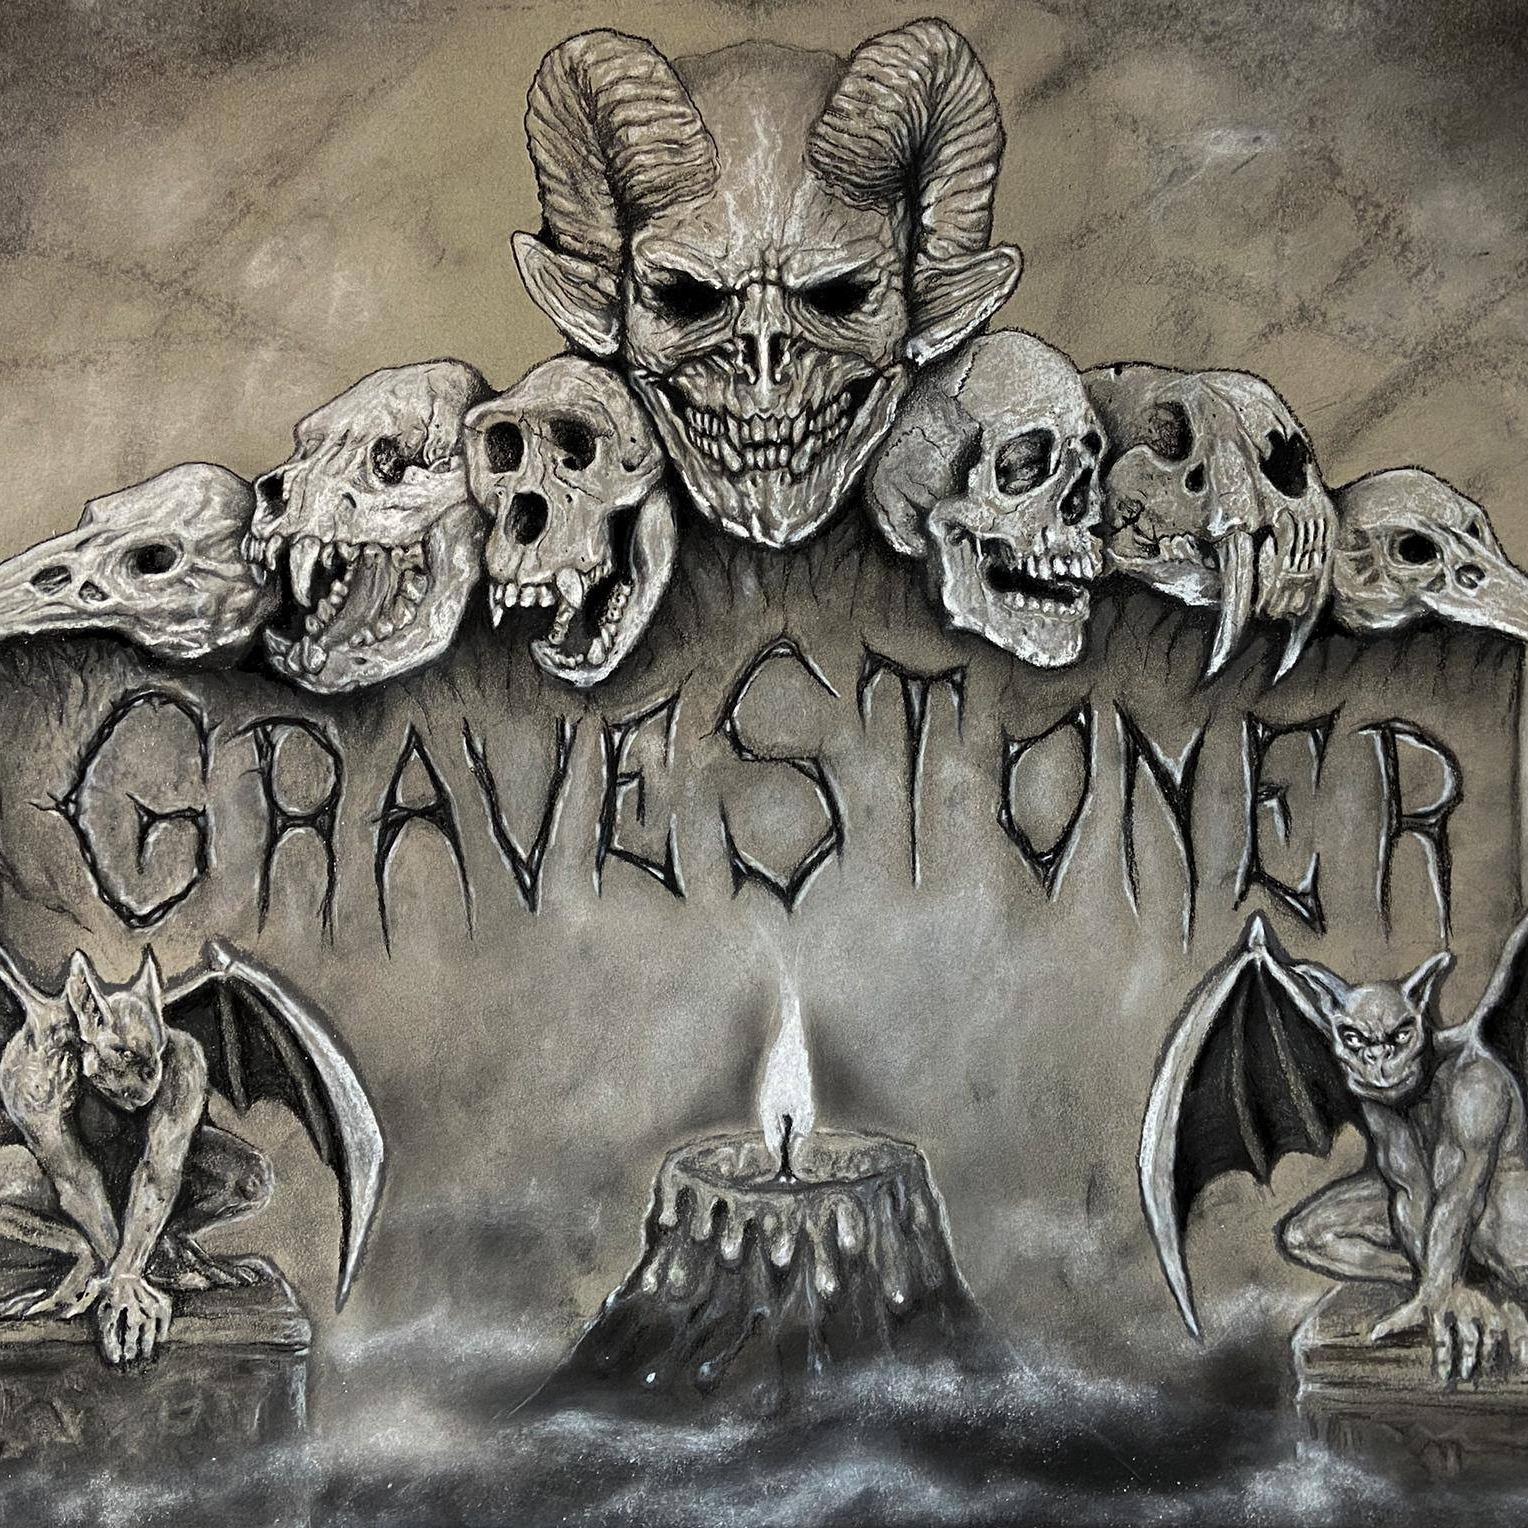 Reseña : Gravestoner – Primer EP «Gravestoner»